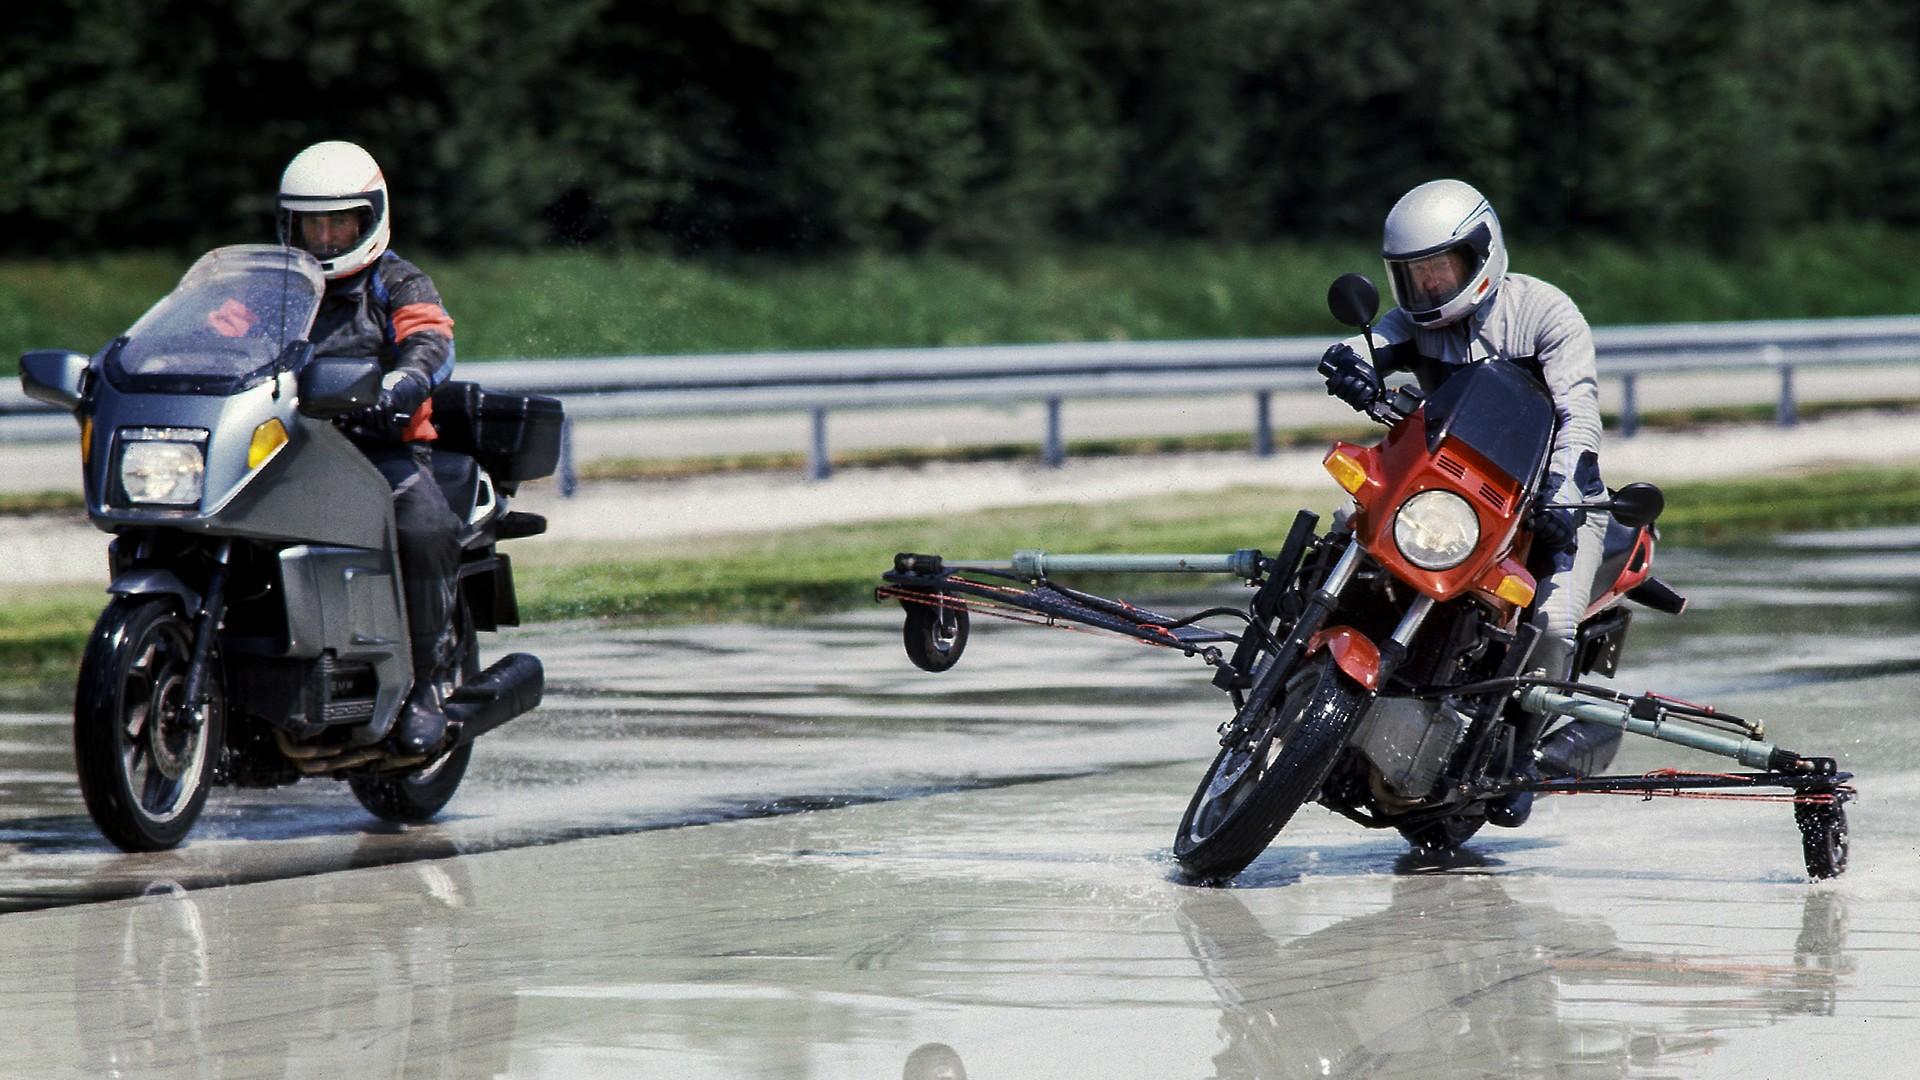 1988 рік - перша система ABS для мотоциклів